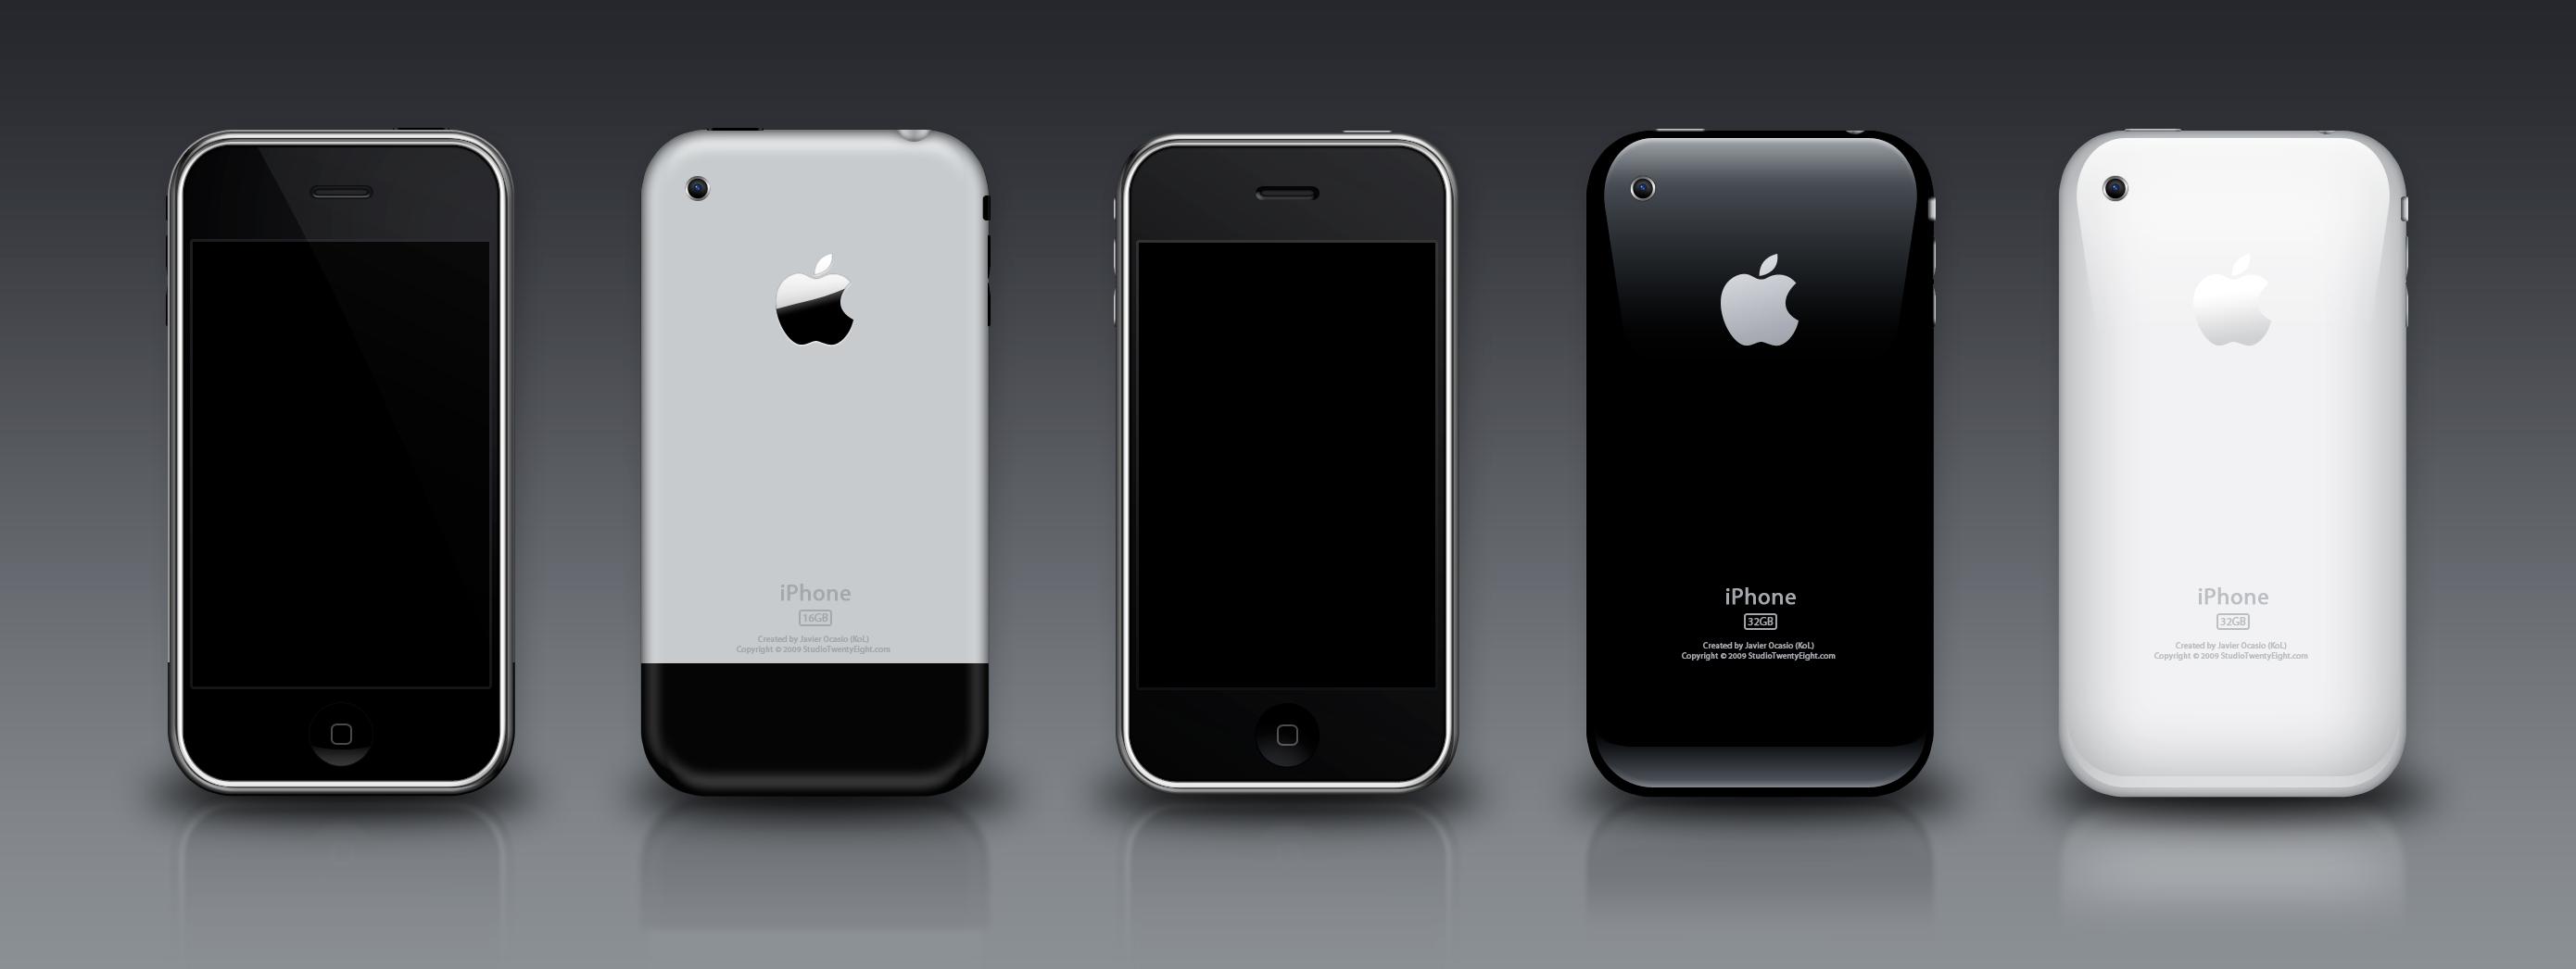 iPhone 3G 3GS PSD by  kol - İphone ile blog yazmak.